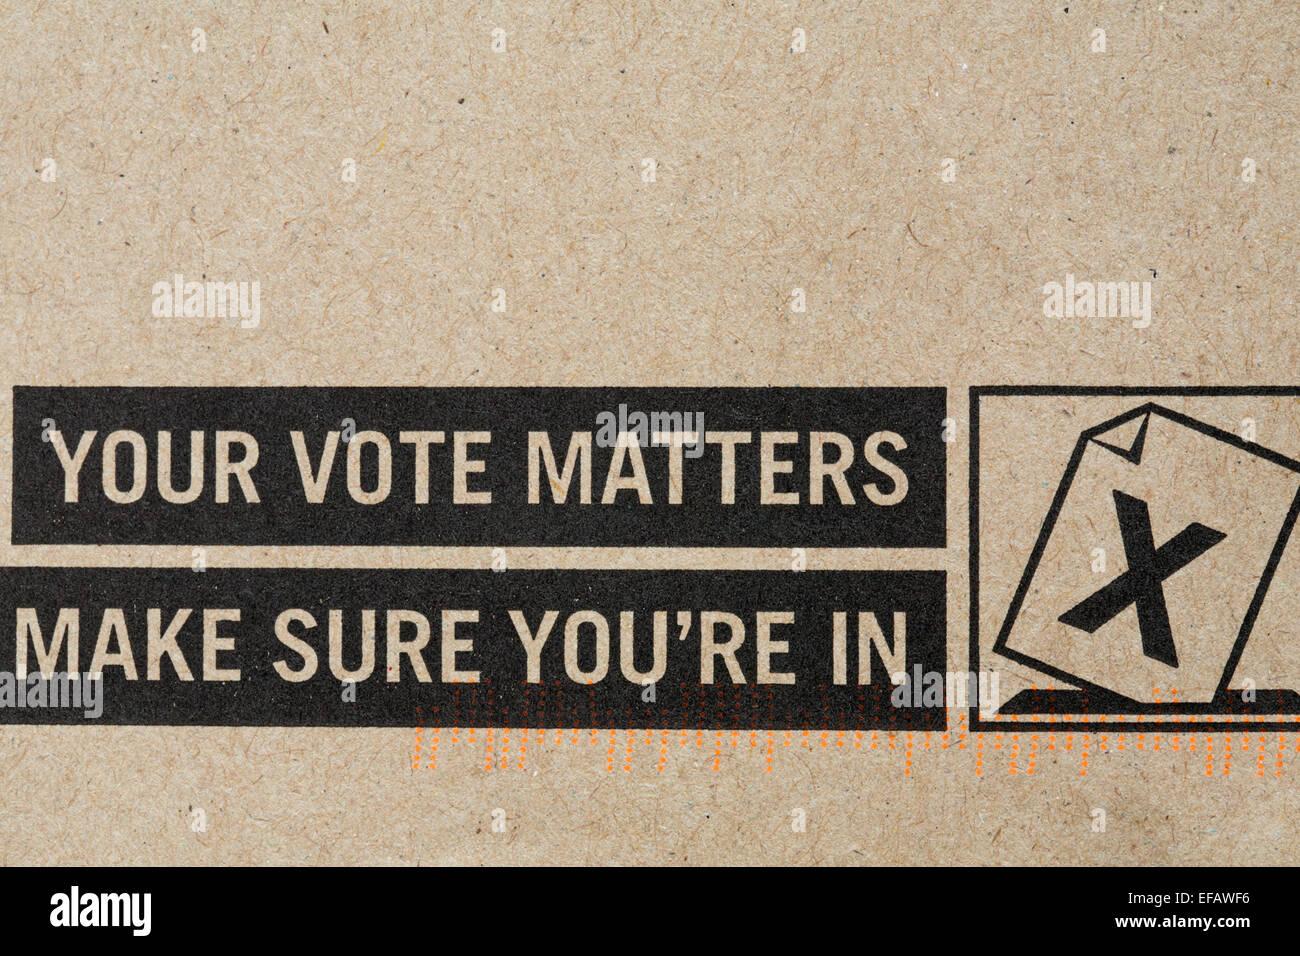 Votre vote compte assurez-vous que vous êtes dans l'enveloppe - détails sur Photo Stock